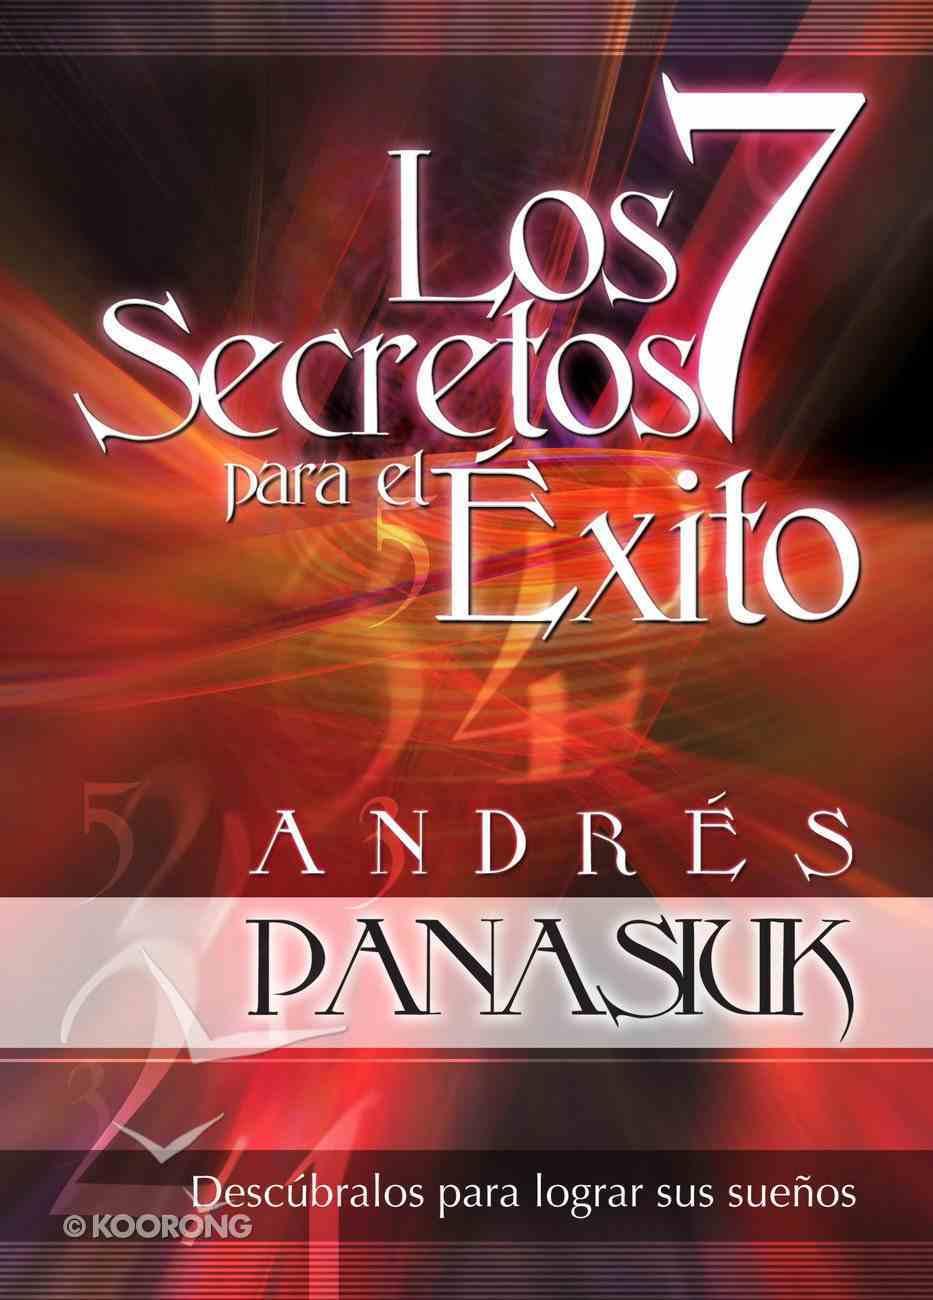 Los 7 Secretos Para El Exito (Spa) (Spanish) eBook